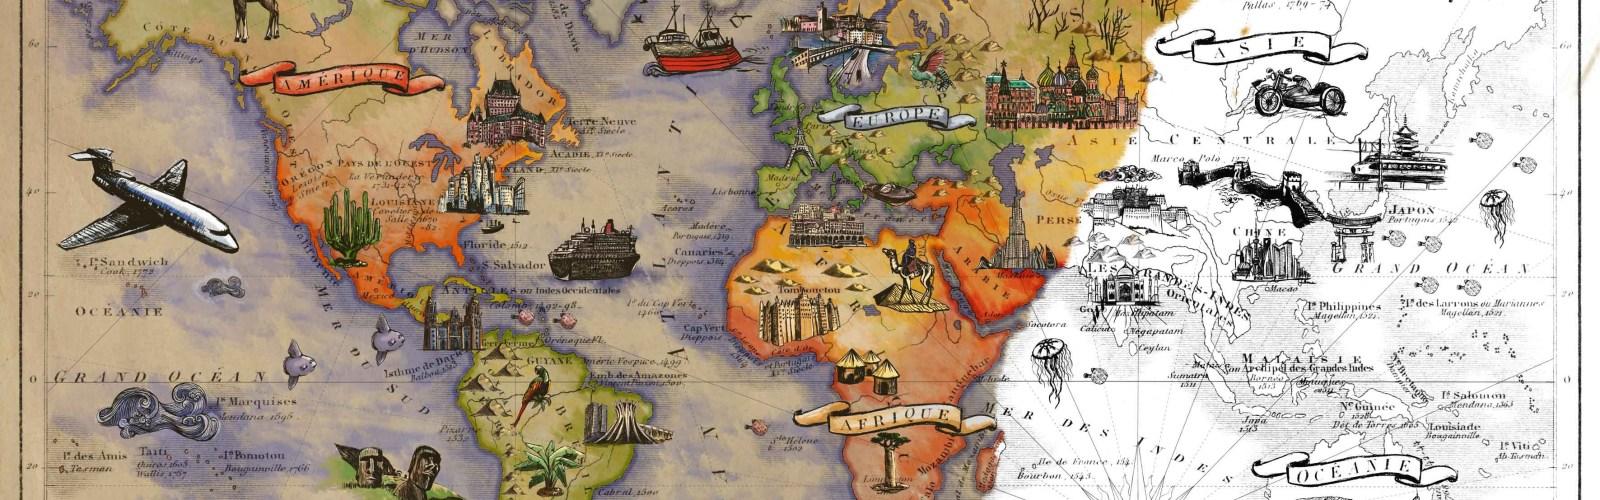 Carte Amerique Du Sud Quiz.Quizz Cartes Histographie